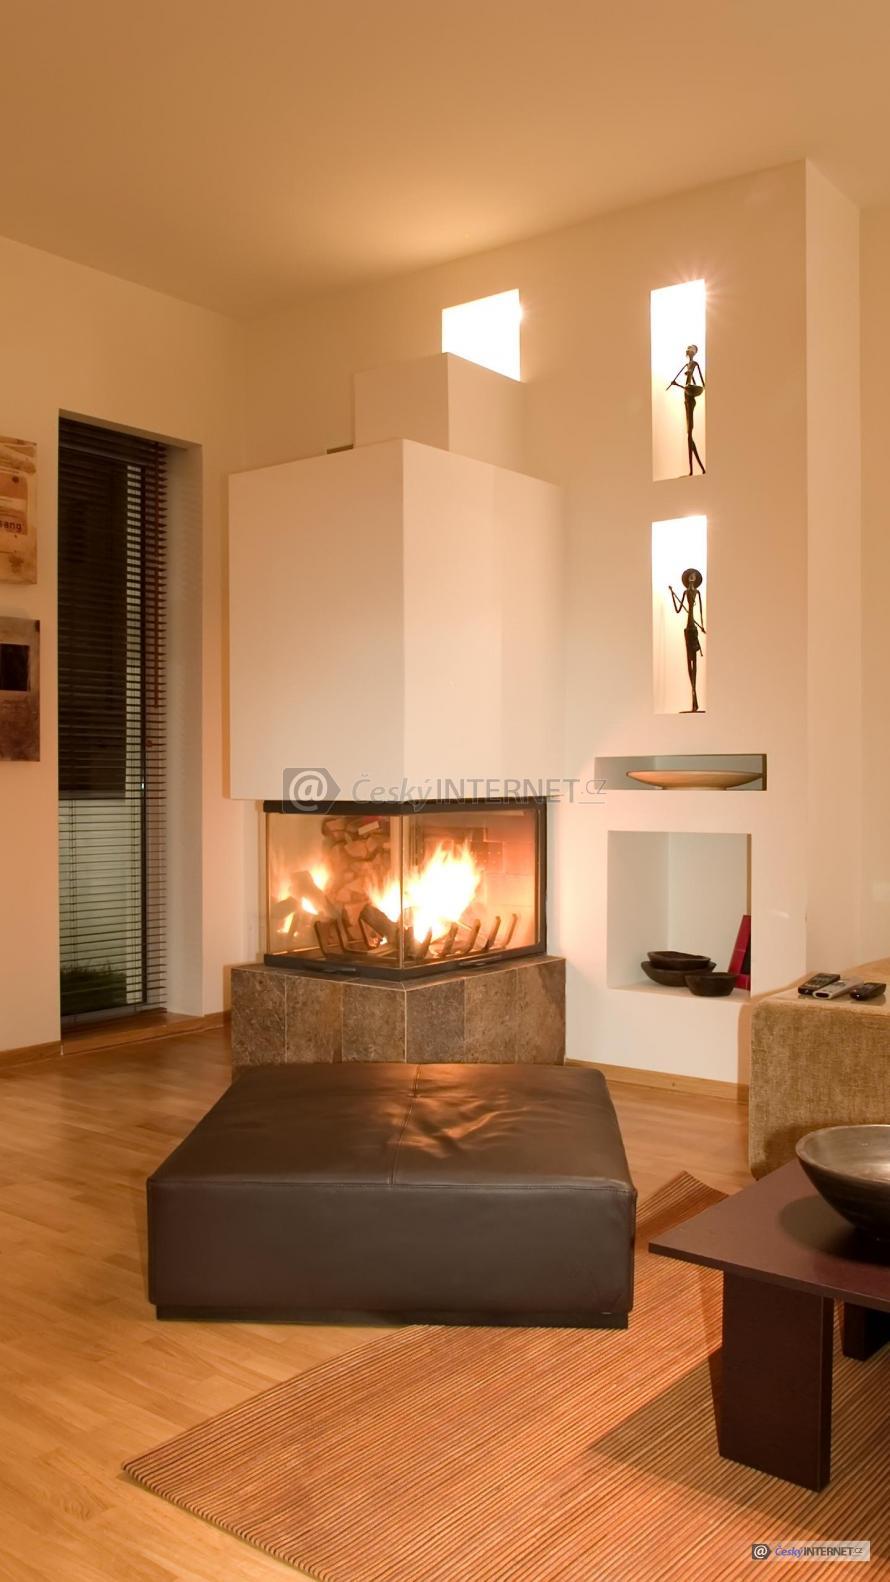 Obývací pokoj, umění v interieru.